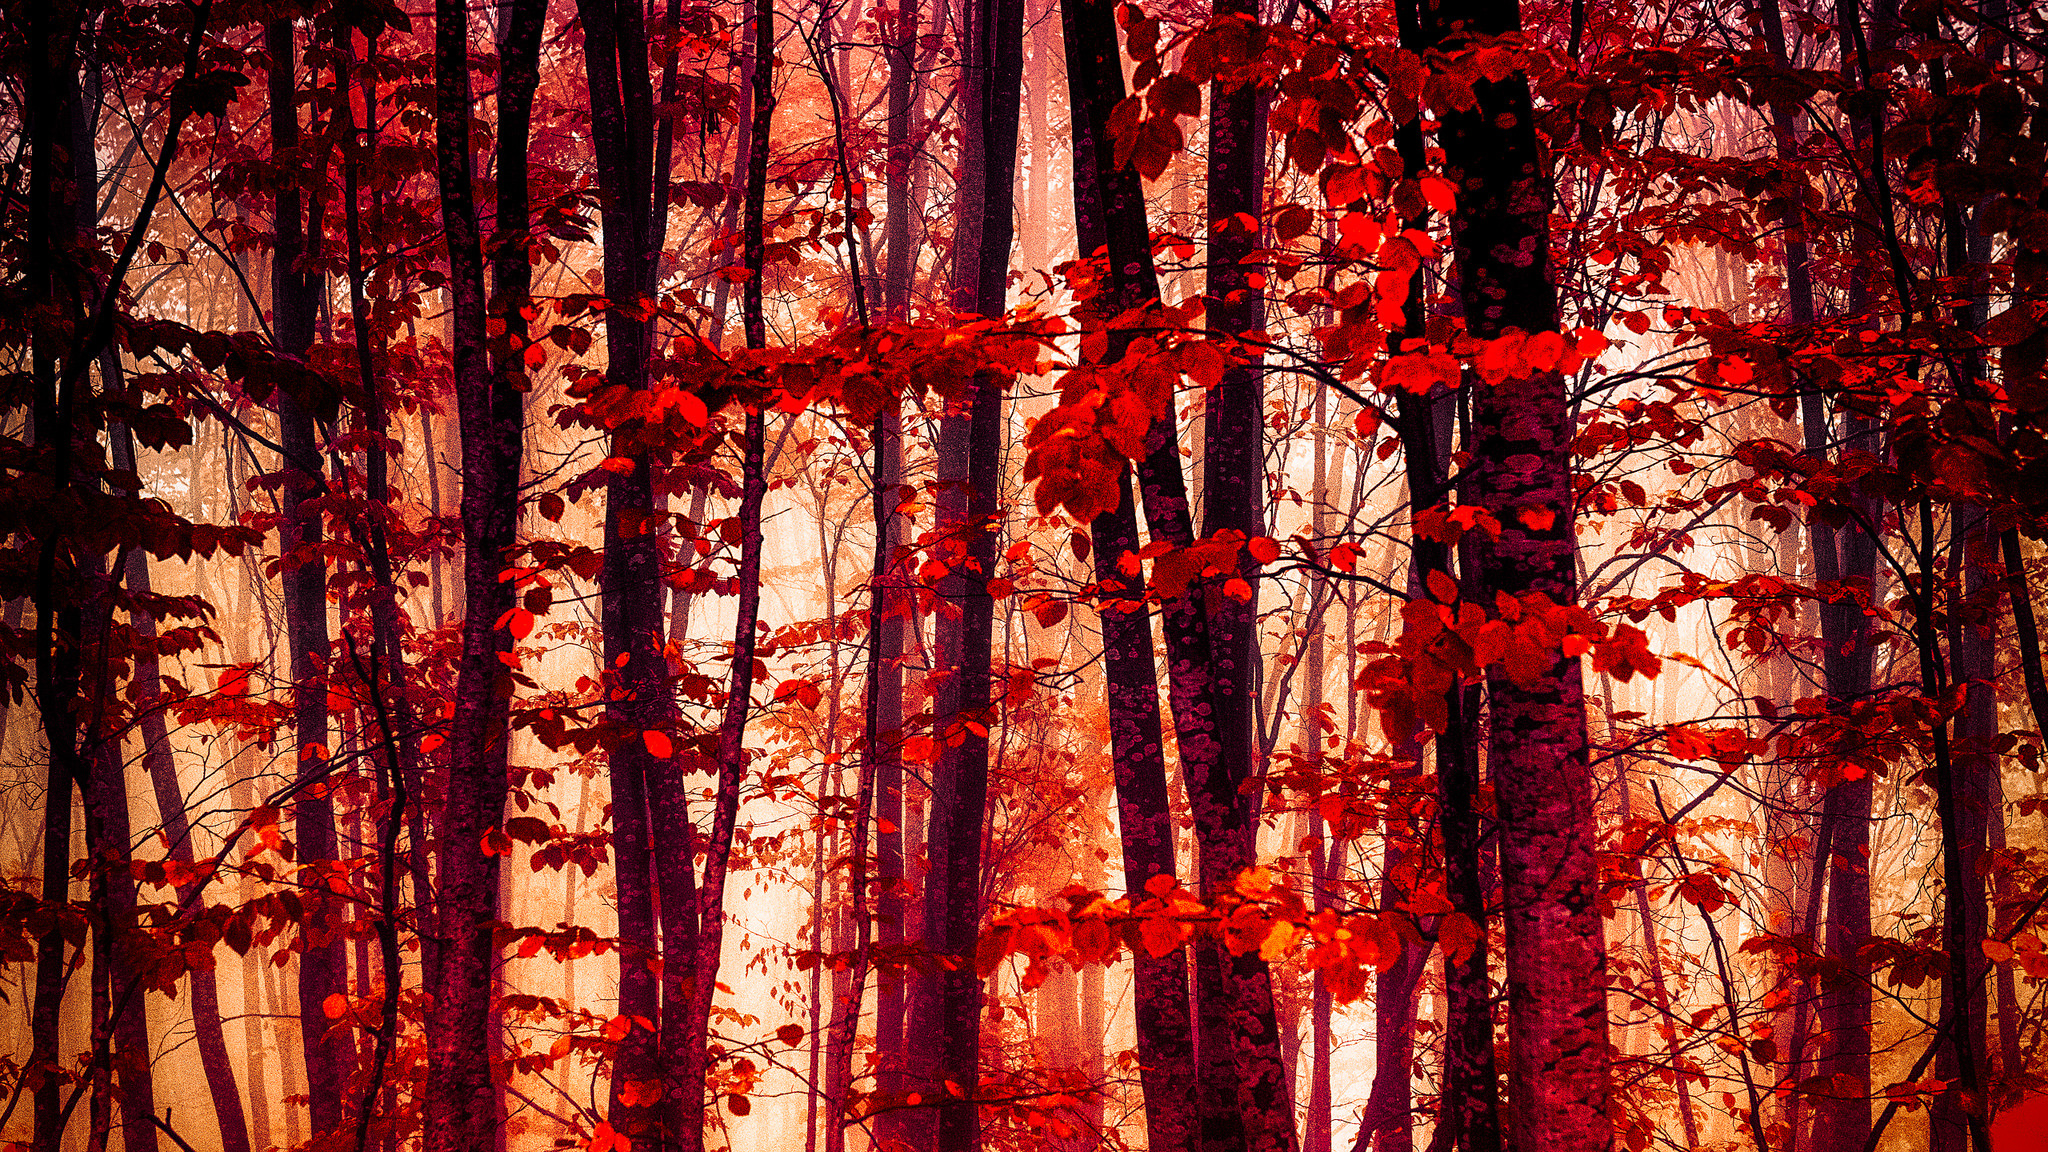 красные деревья бесплатно